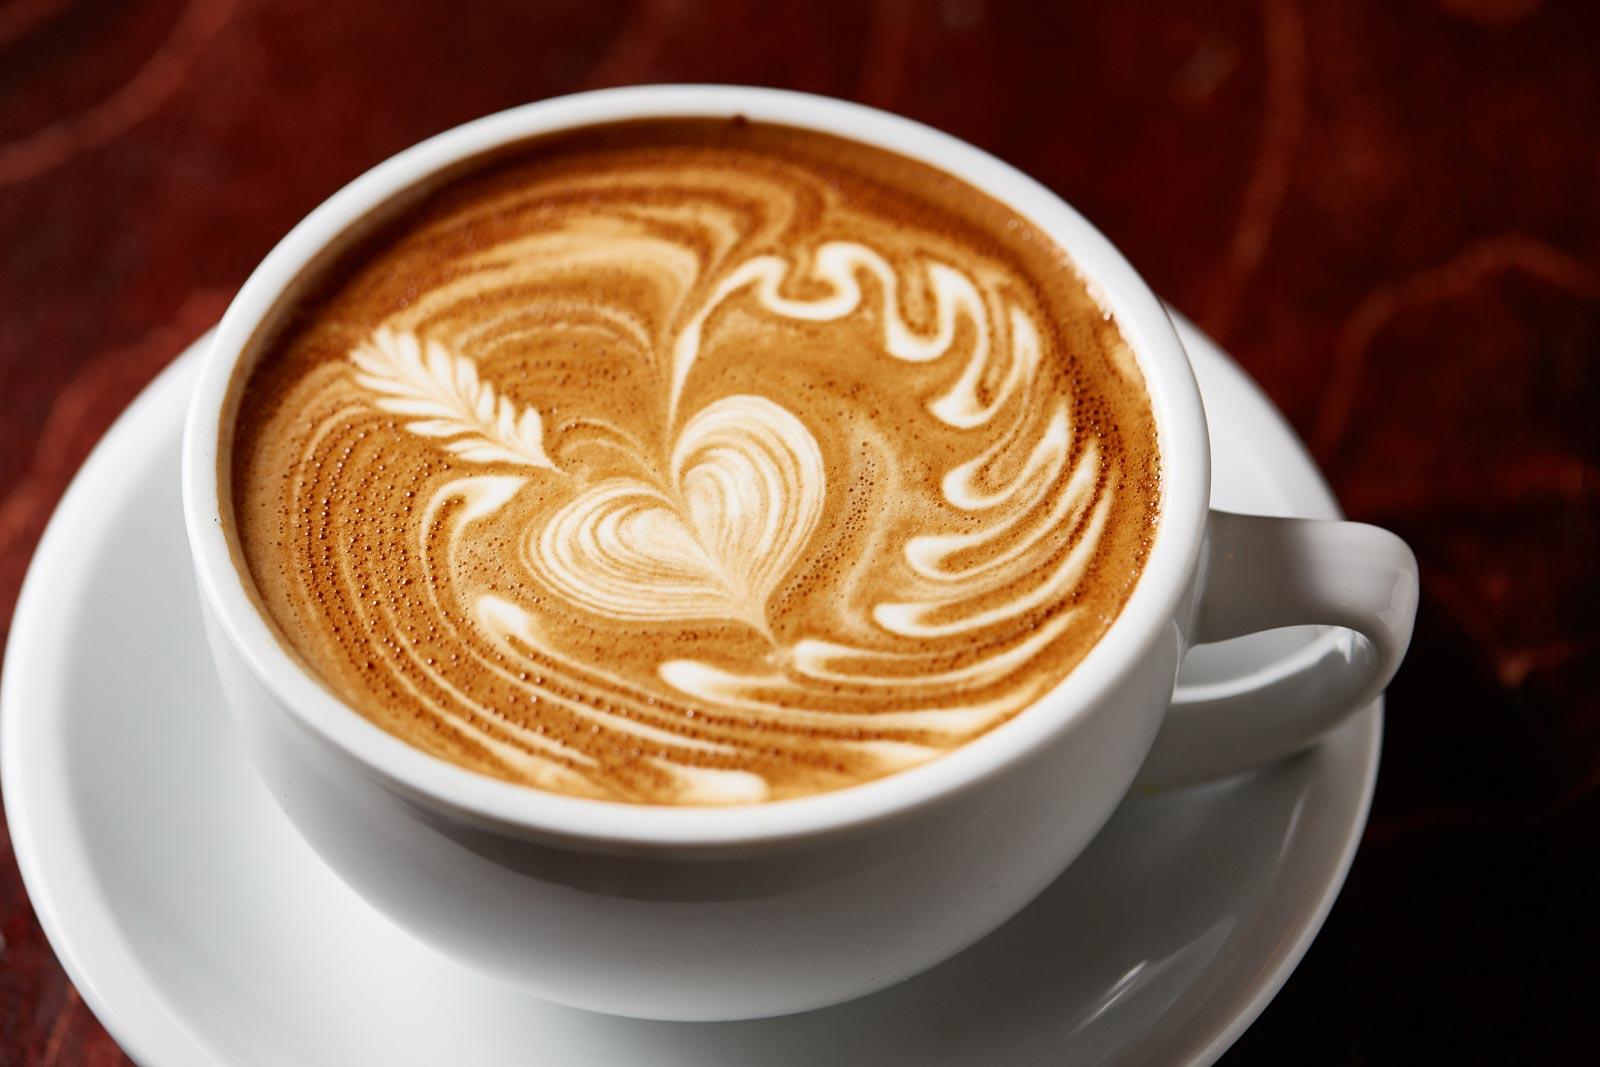 Профессиональные кофемашины из Италии – качество, дизайн и производительность